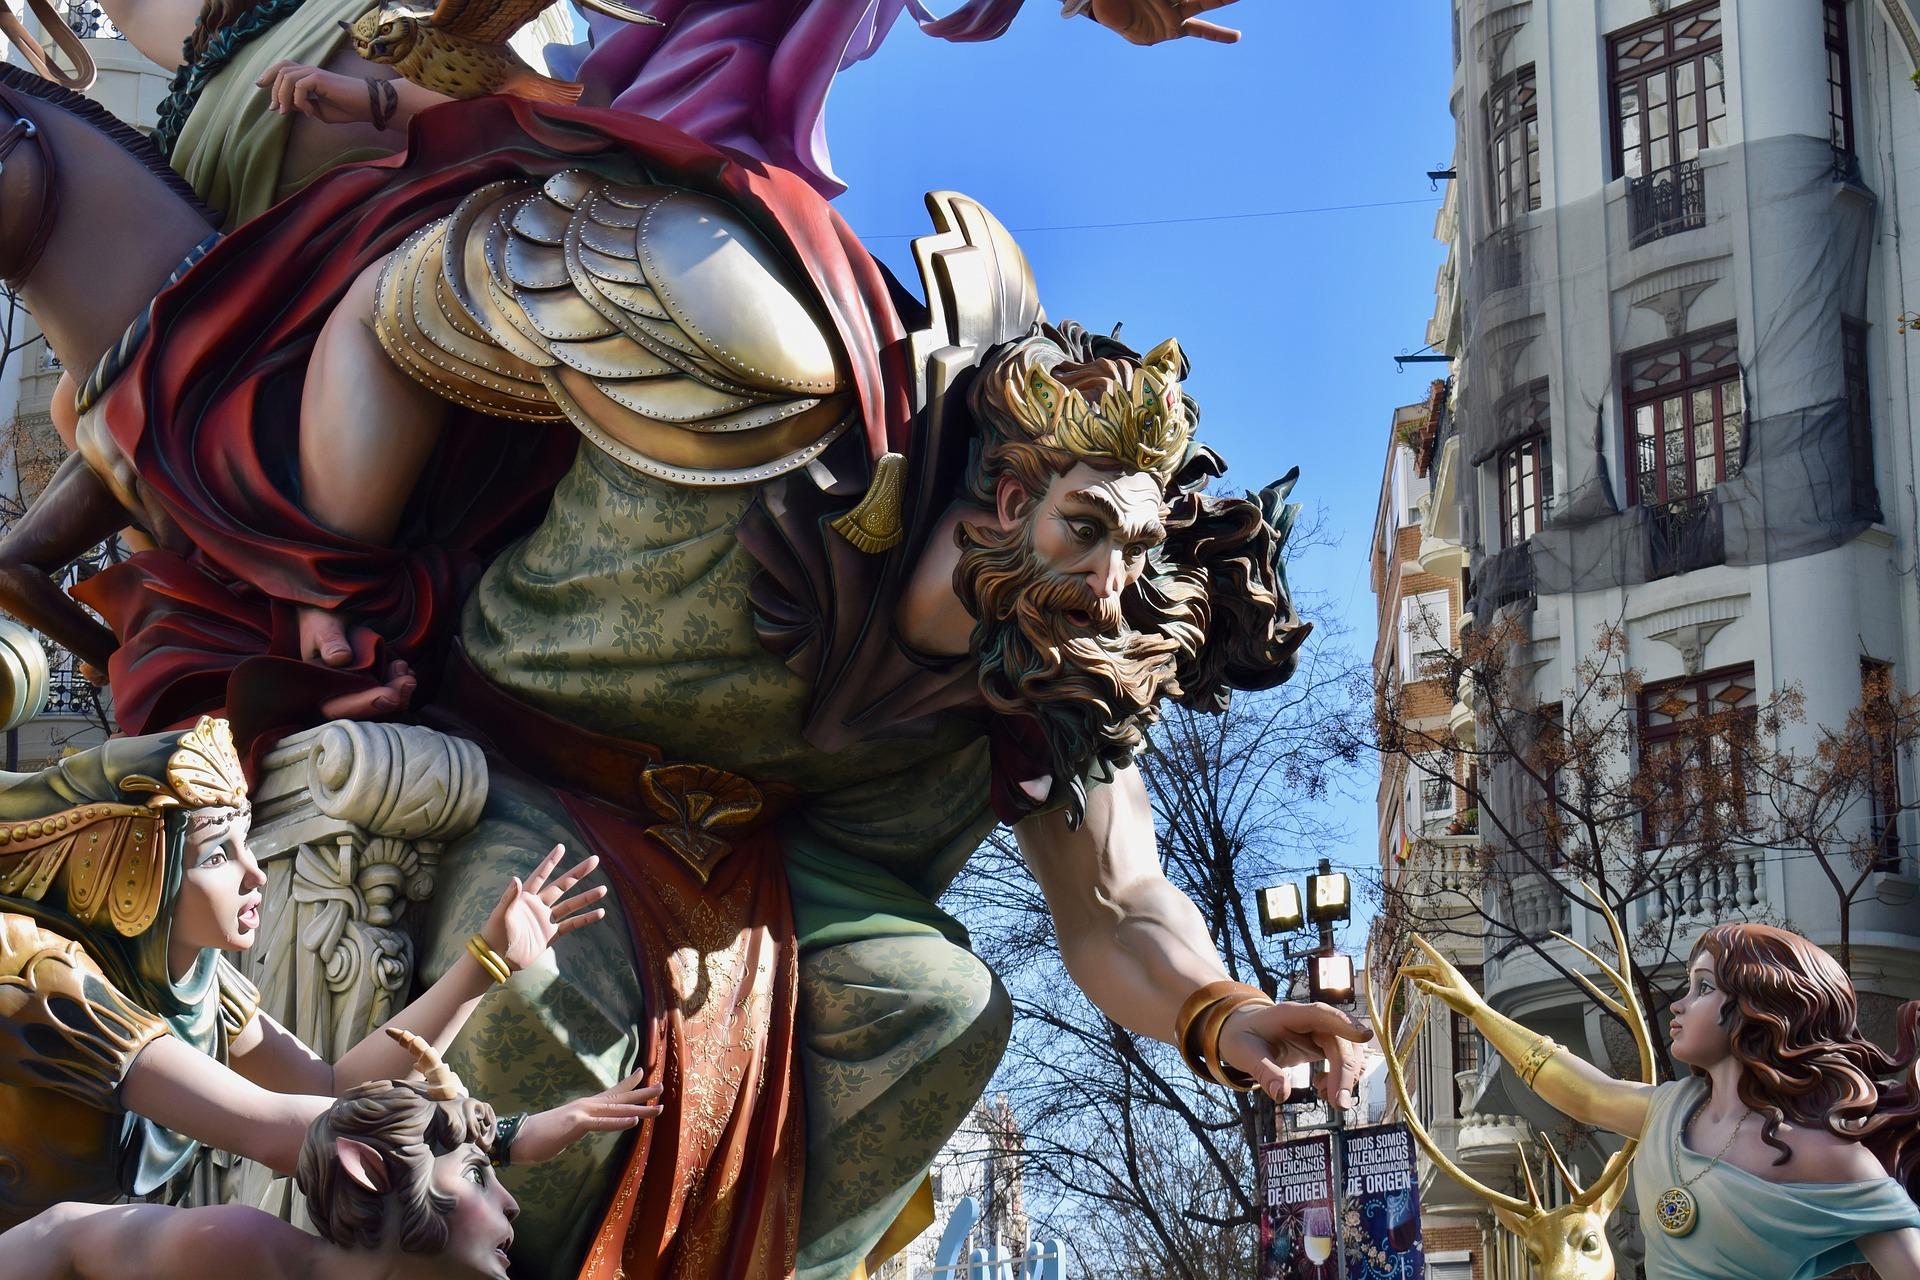 Las Fallas di Valencia: tradizione, satira e arte